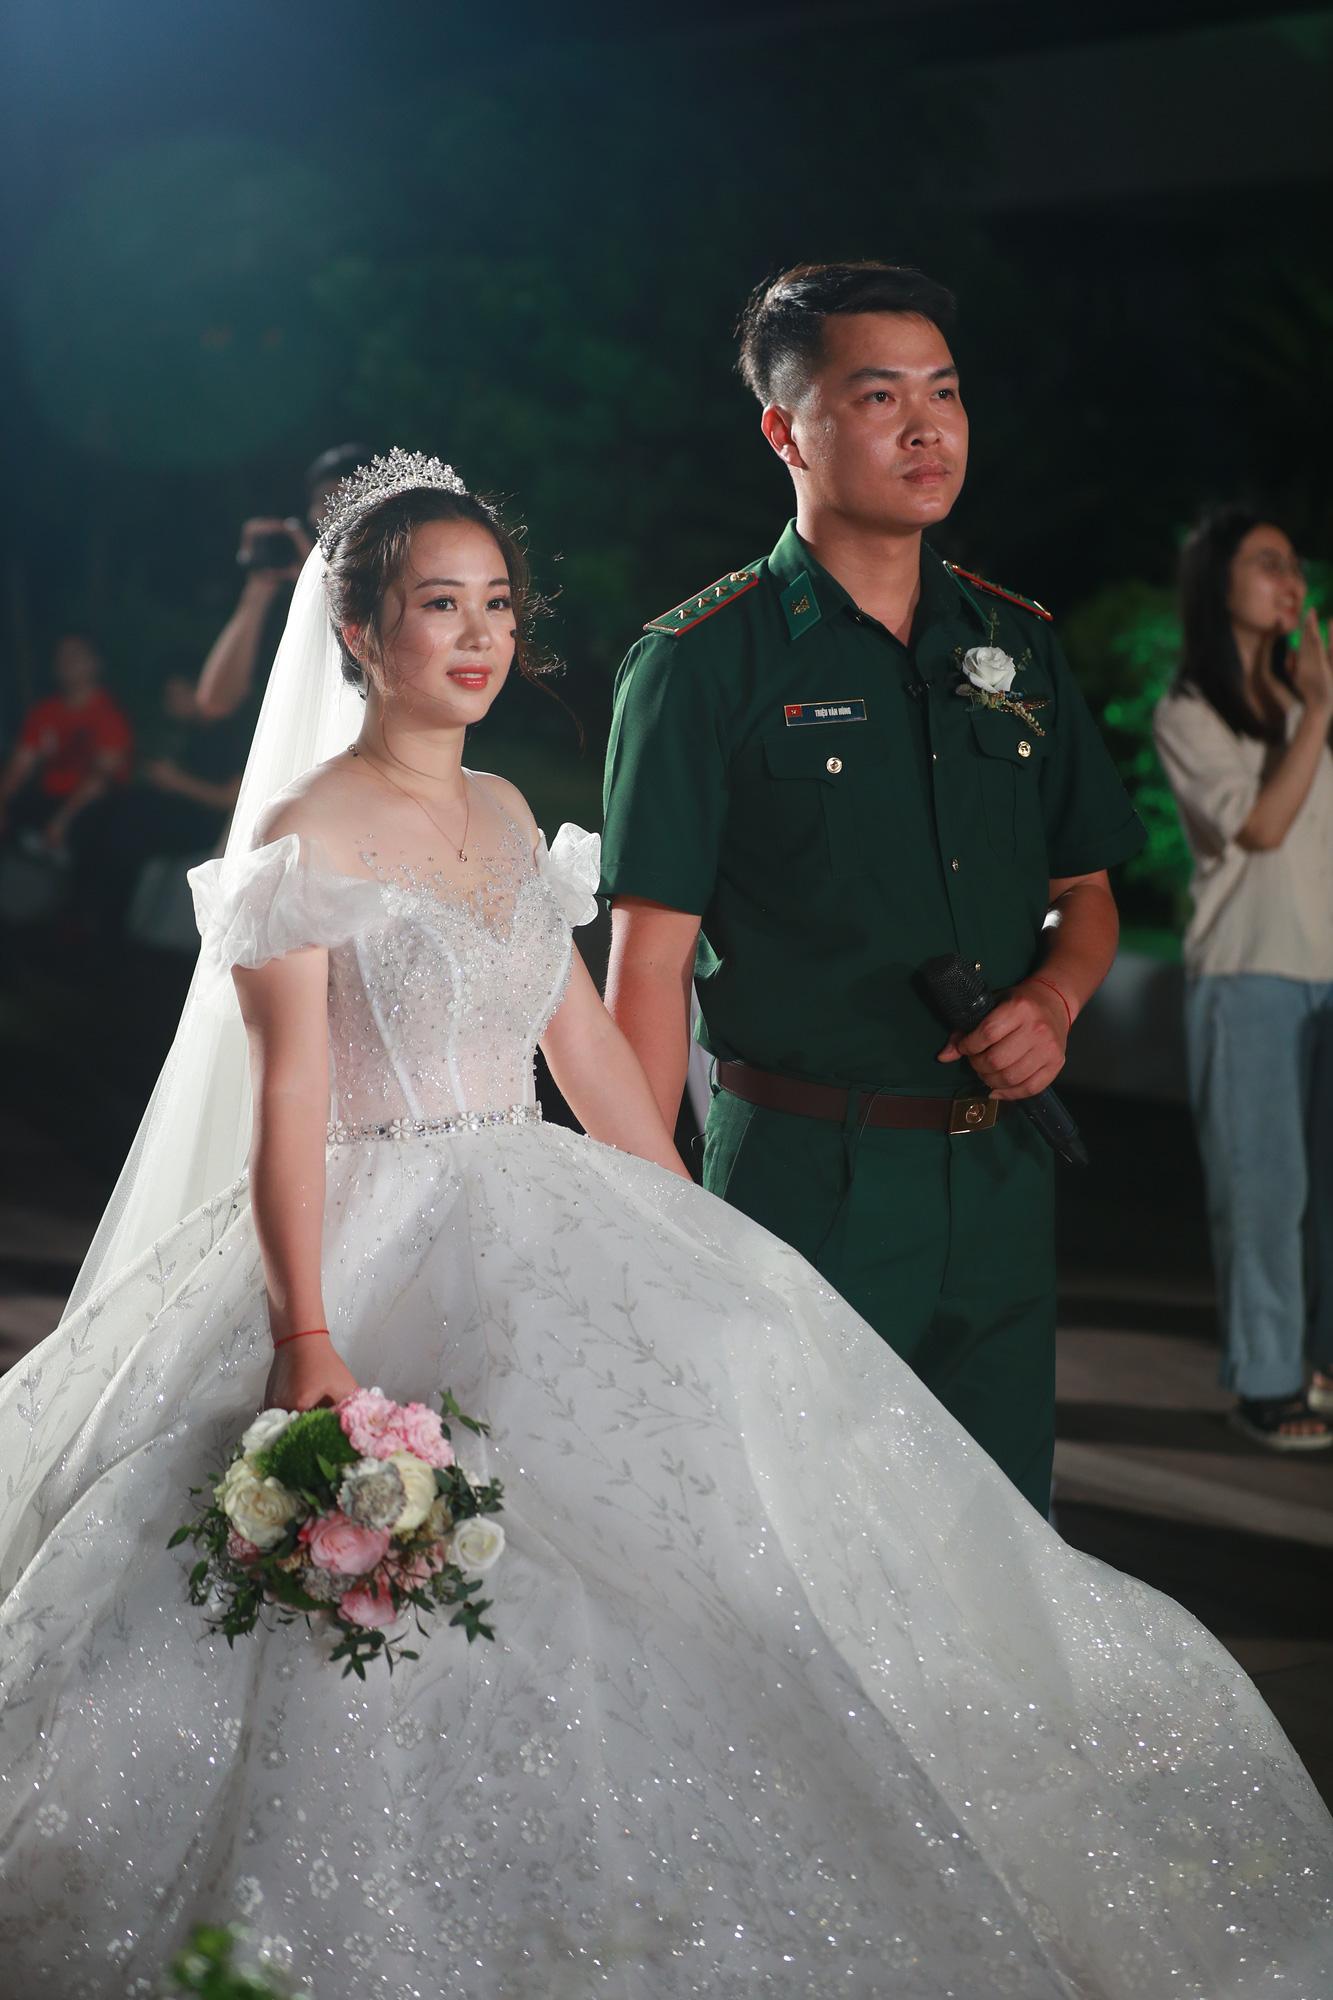 Điều ước thứ 7: Đám cưới đặc biệt của người chiến sĩ giữa mùa dịch COVID-19 - Ảnh 7.